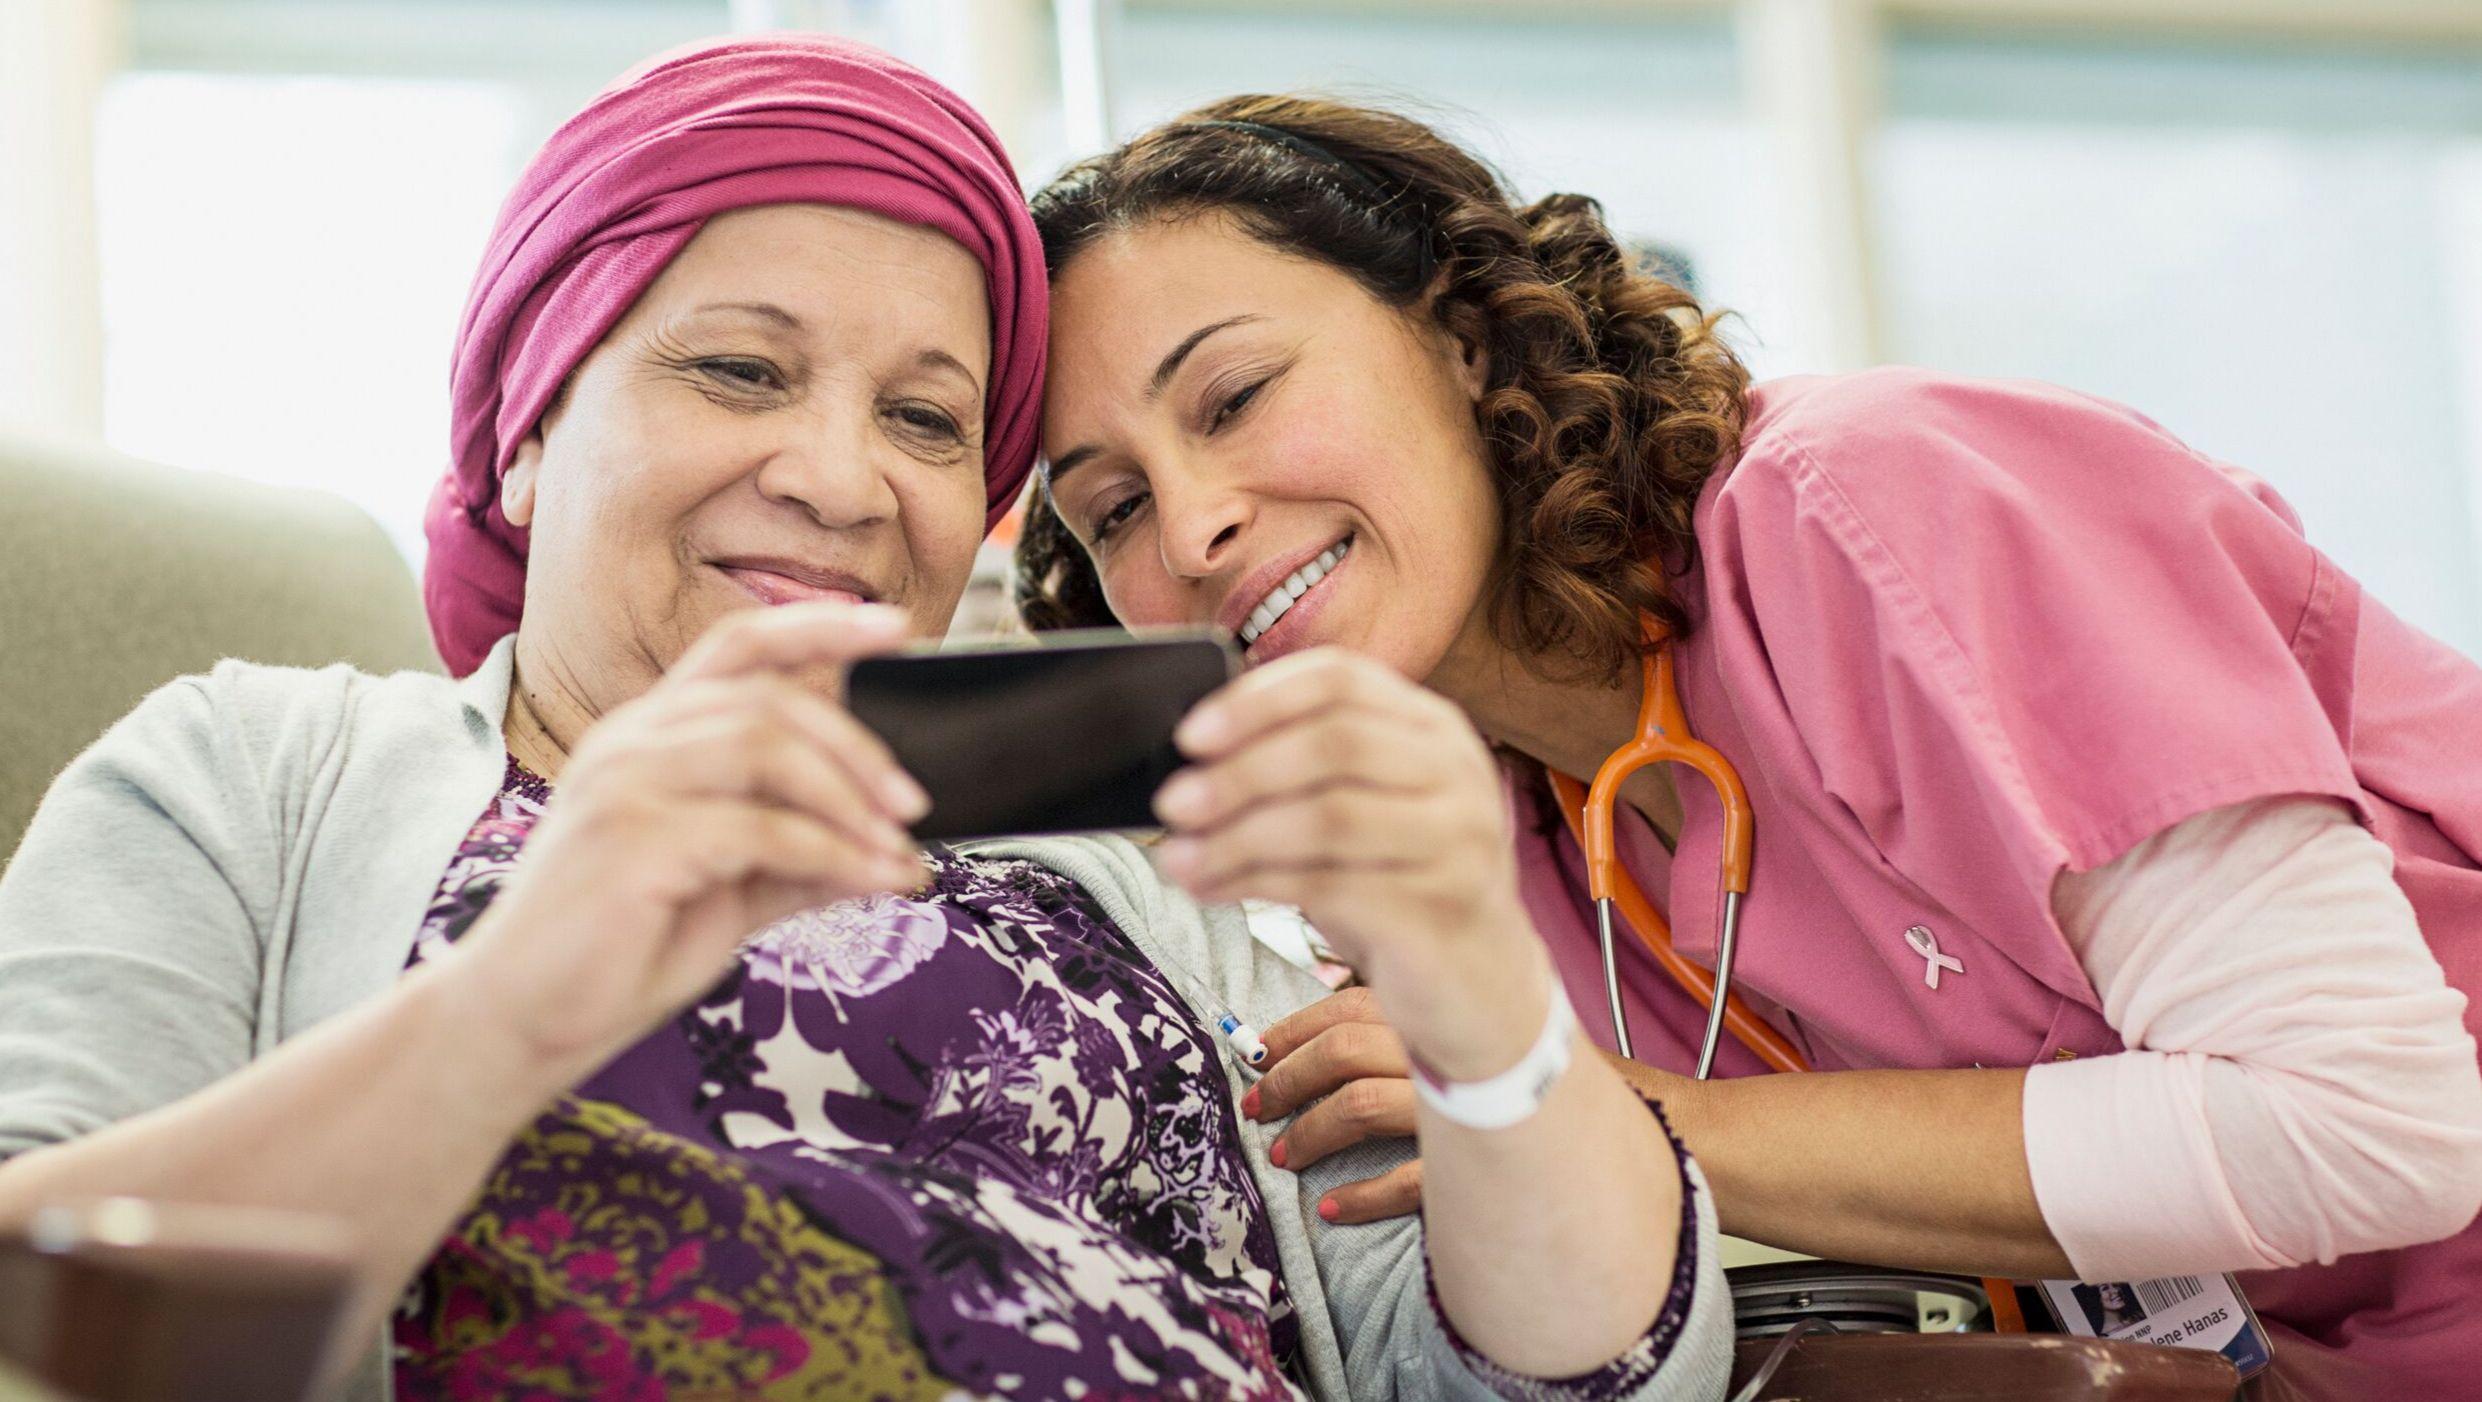 Faire progresser les soins contre le cancer partout dans le monde